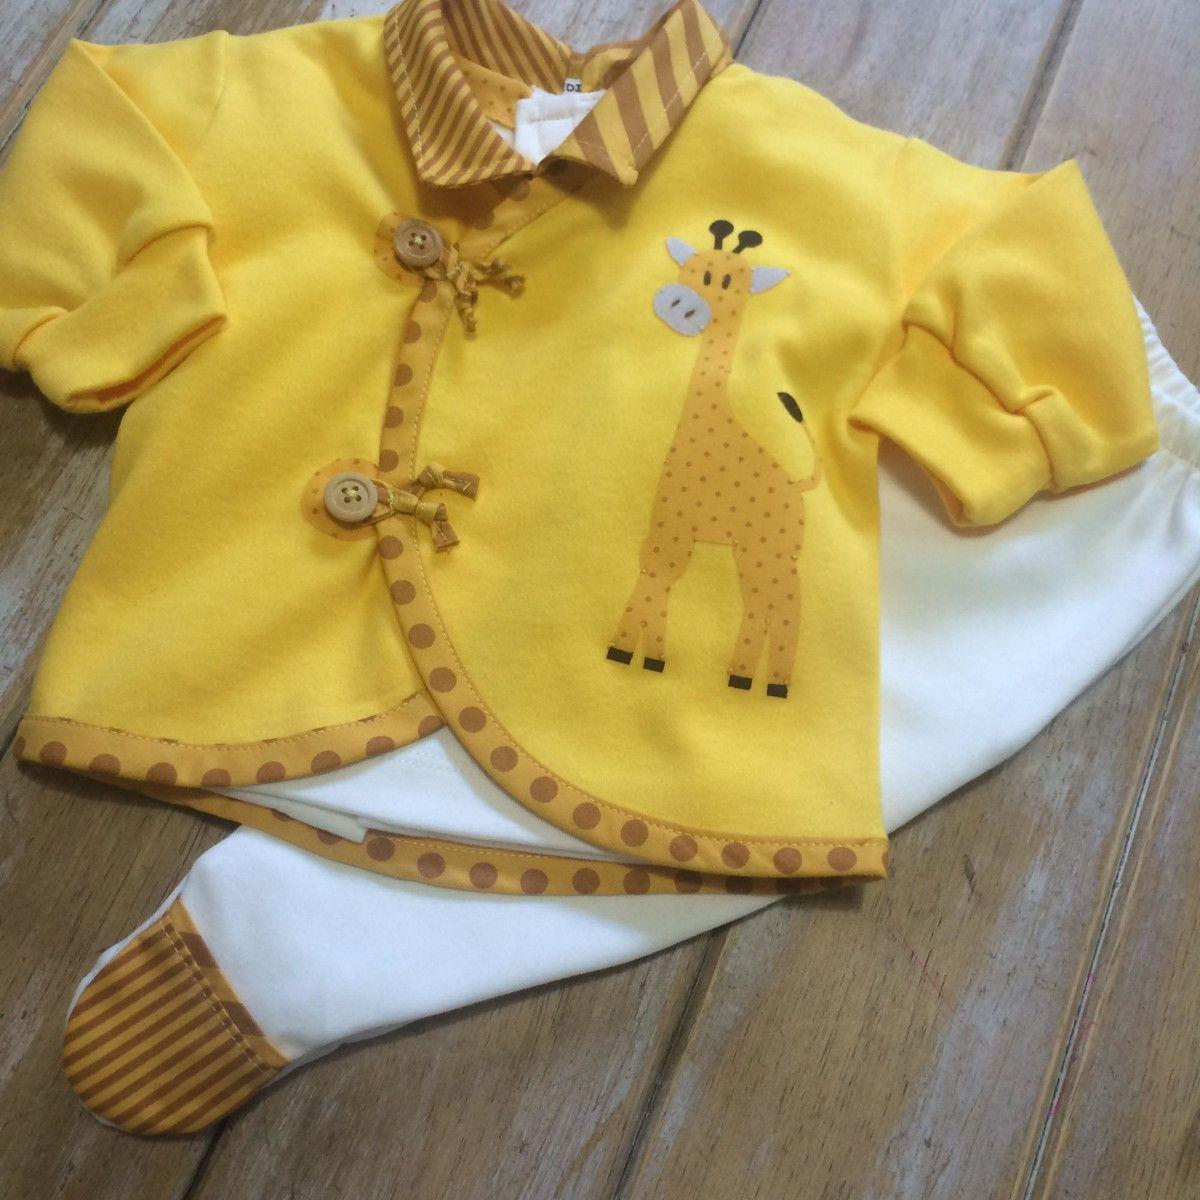 Conjunto Super Fofo Composto Por 3 Pcs Calca Camisa Tipo Pagao Calca Tudo Isso Em Um Roupa Infantil Menino Pano De Boca Bebe Casaco Infantil Feminino